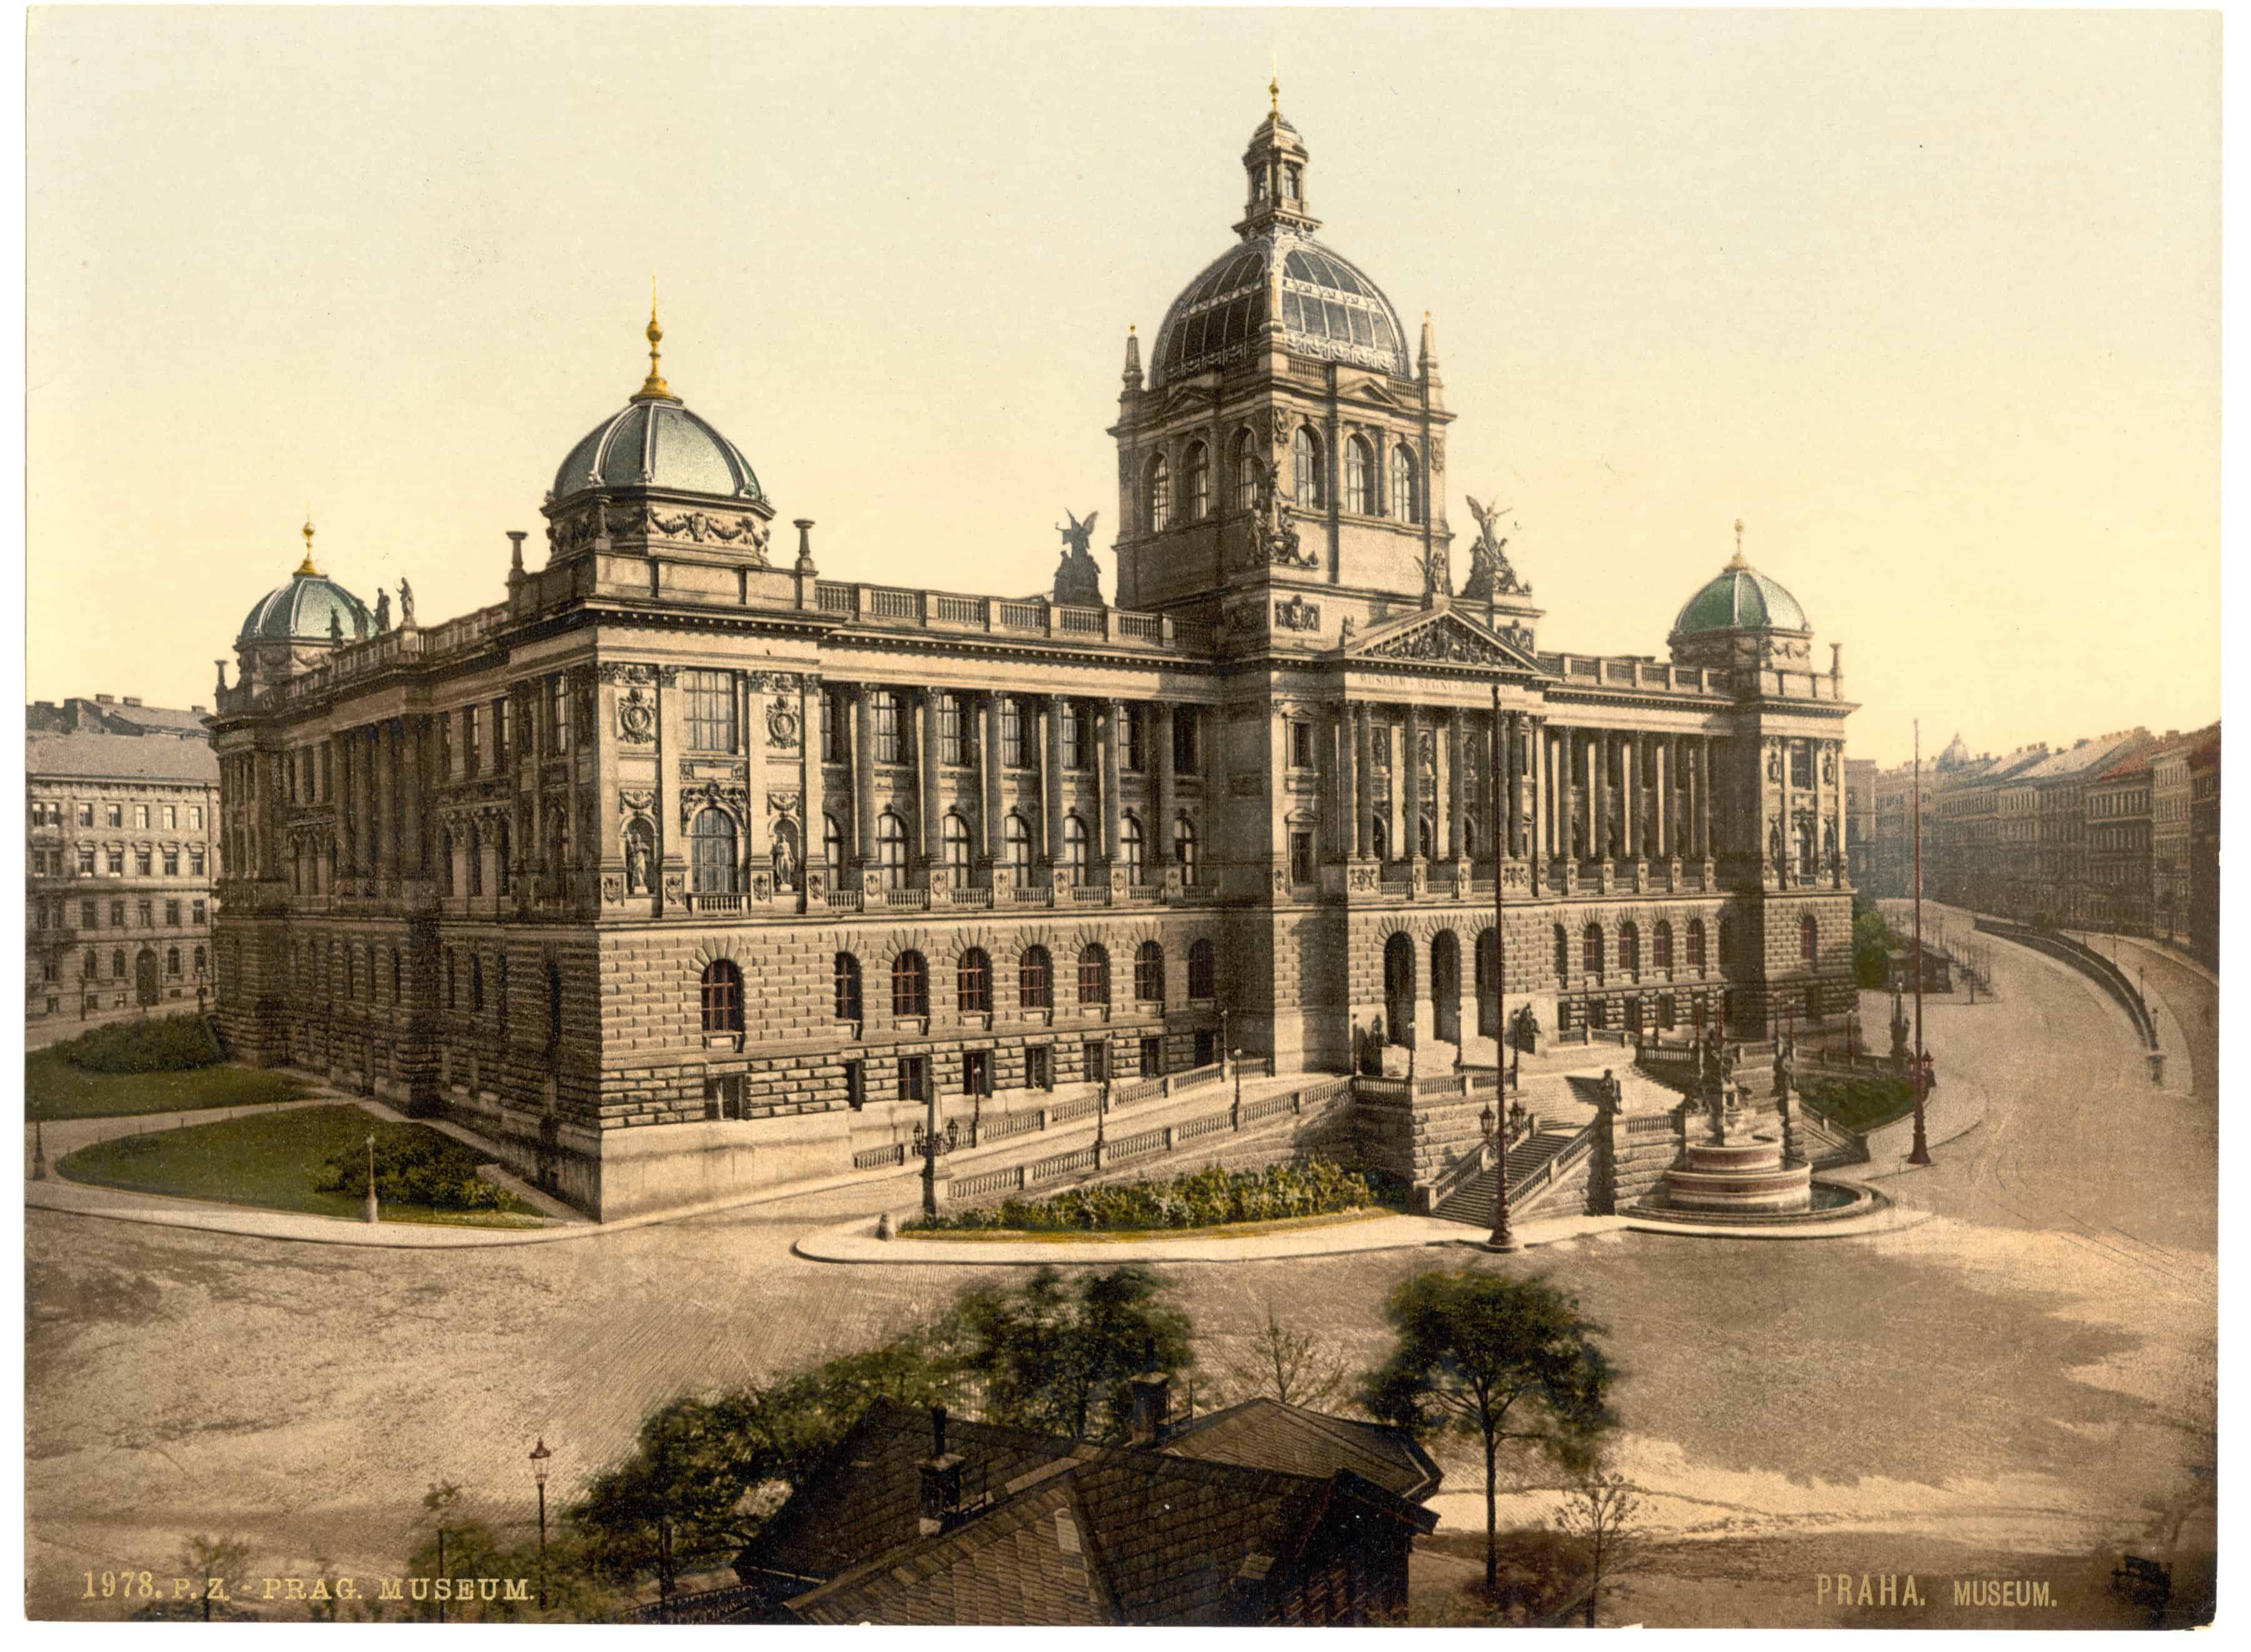 Prague National Museum (Národní Muzeum) in 1891